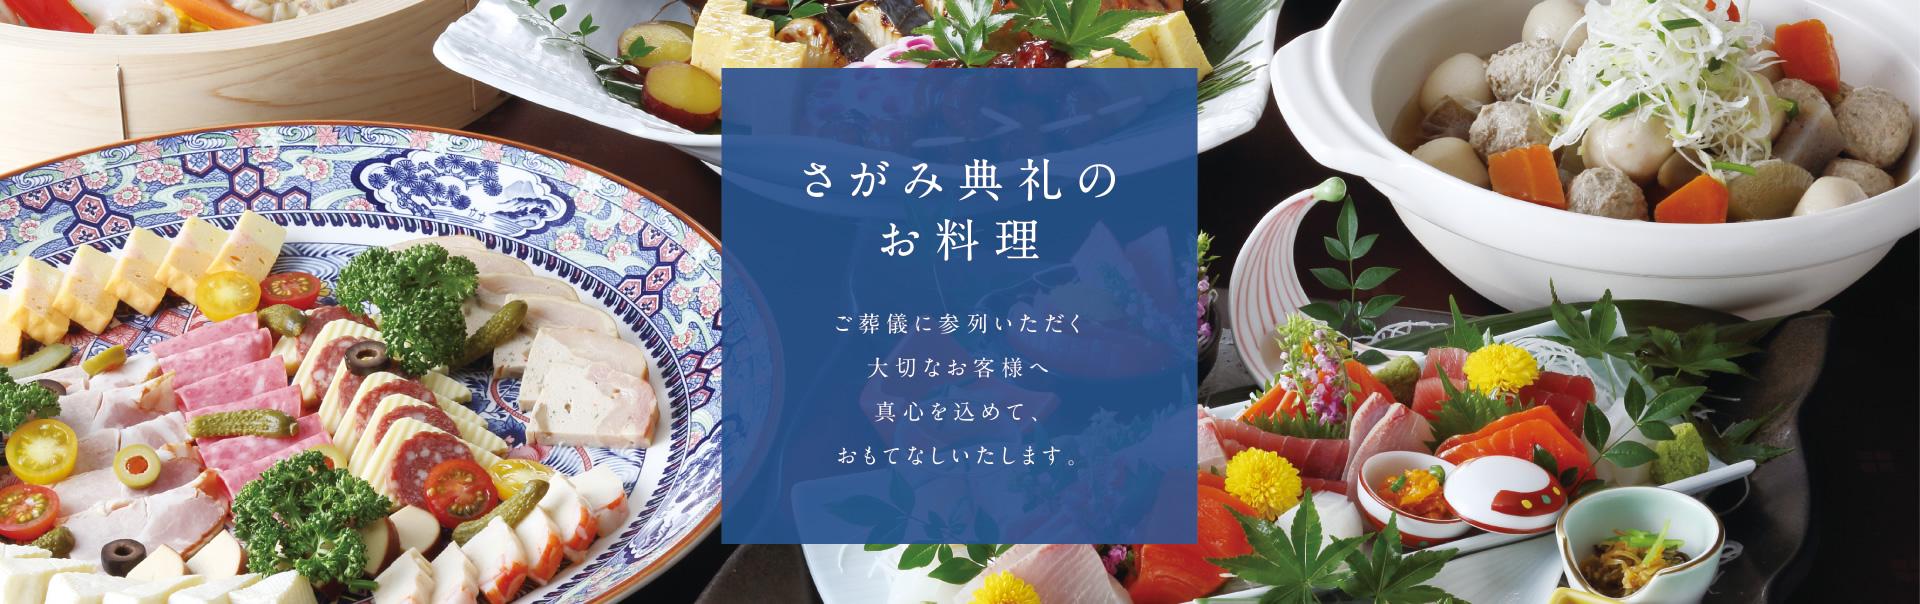 さがみ典礼のお料理 ご葬儀に参列いただく大切なお客様へ真心を込めて、おもてなしいたします。